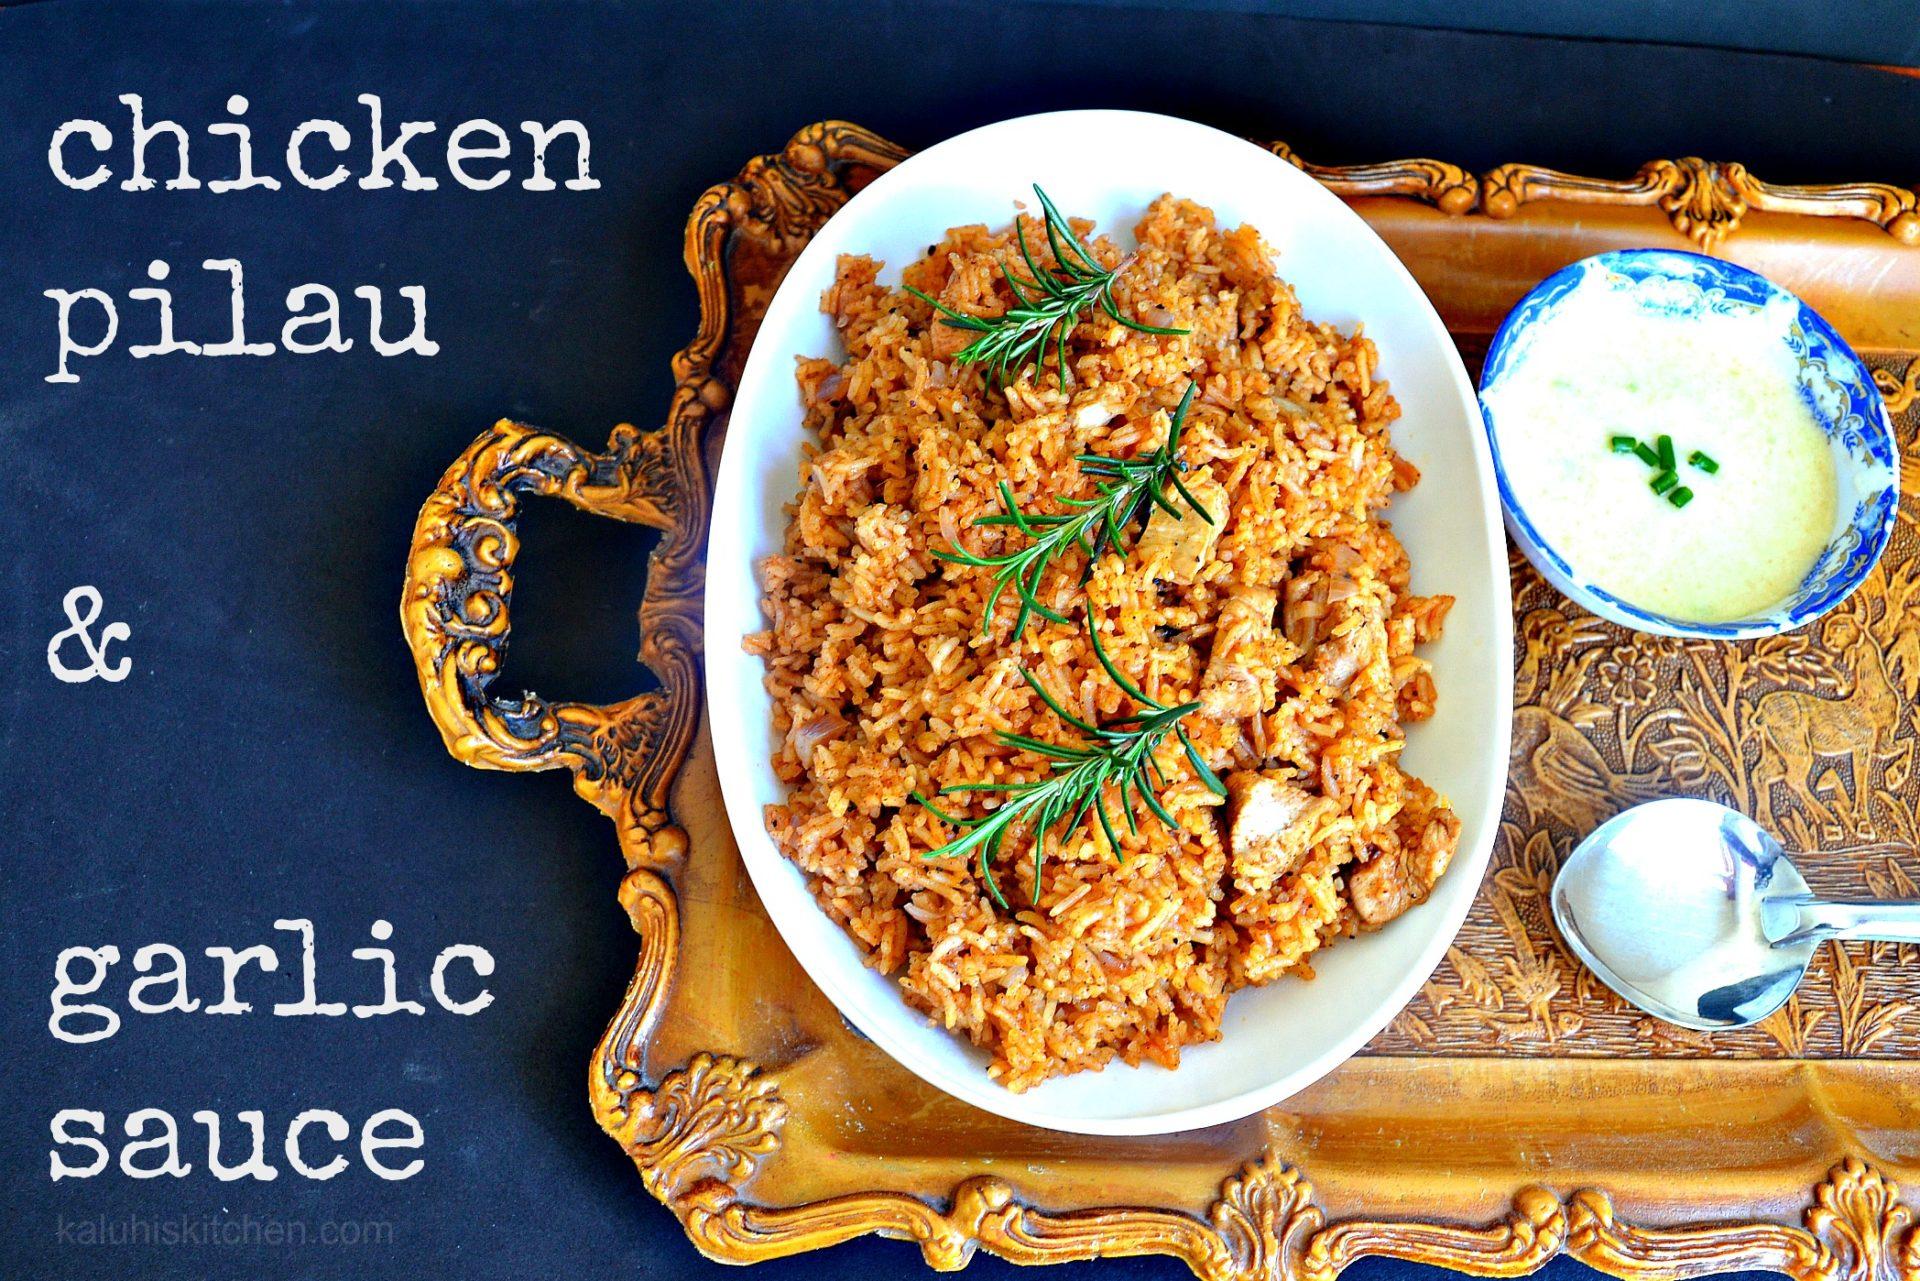 Chicken pilau with garlic sauce chicken pilau and garlic saucehow to make pilaubest food bloggers in kenyanbest food bloggers forumfinder Image collections